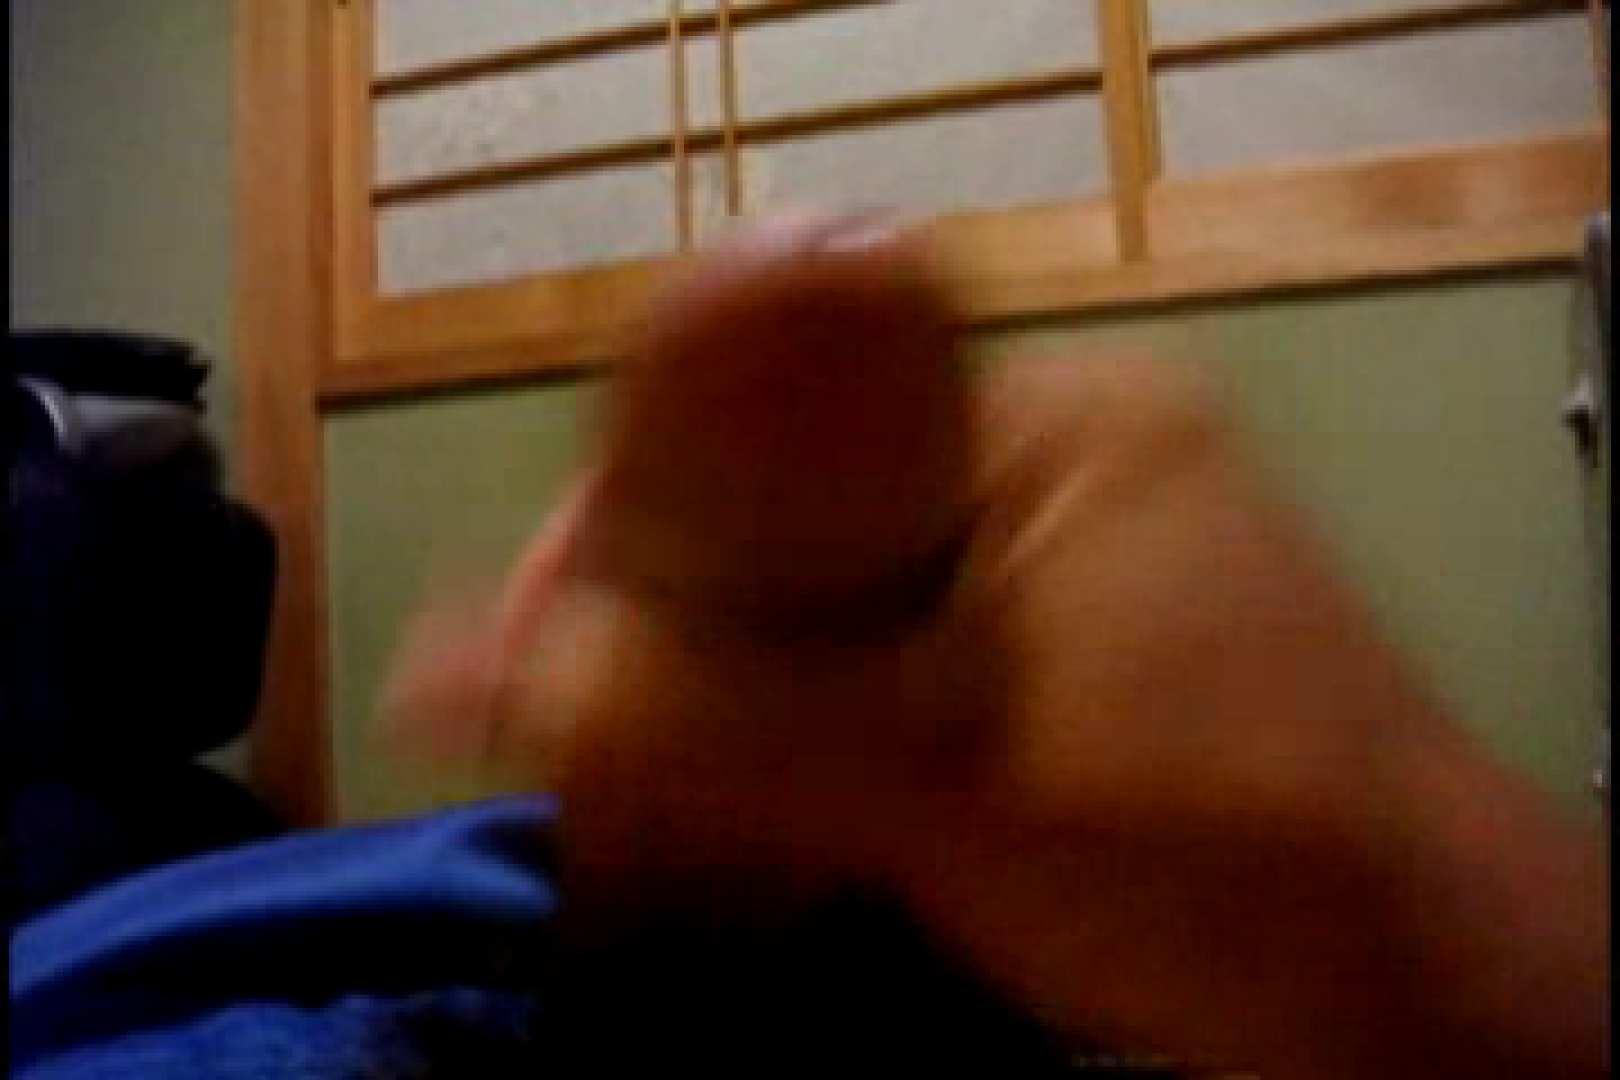 オナ好きノンケテニス部員の自画撮り投稿vol.02 流出作品 ゲイAV画像 89pic 83